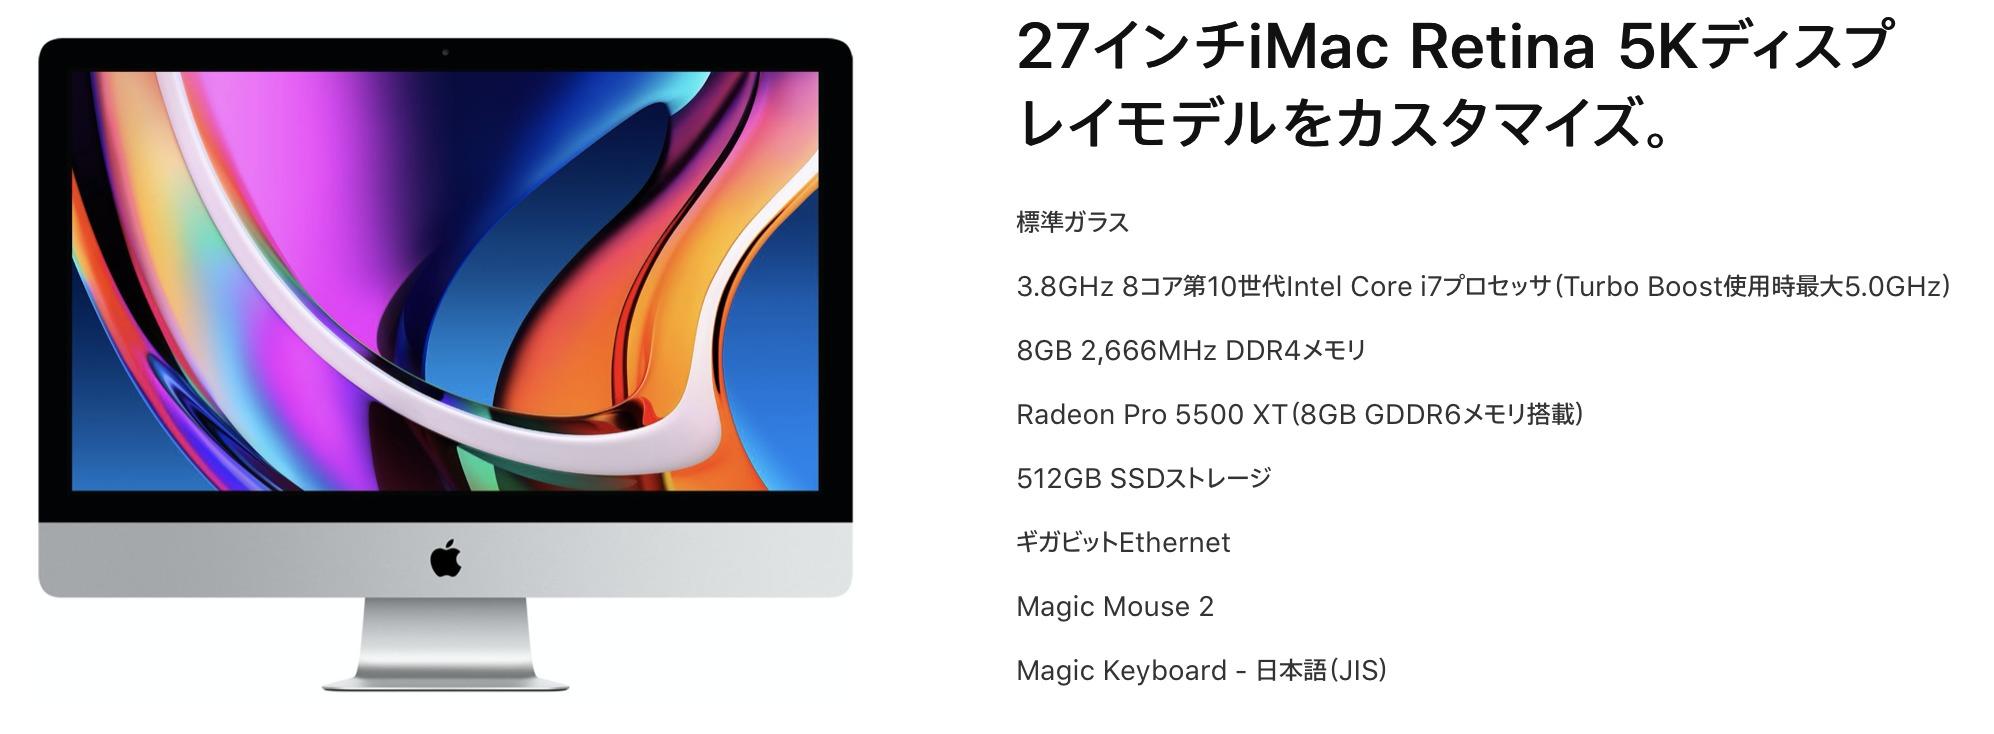 27インチiMac 2020